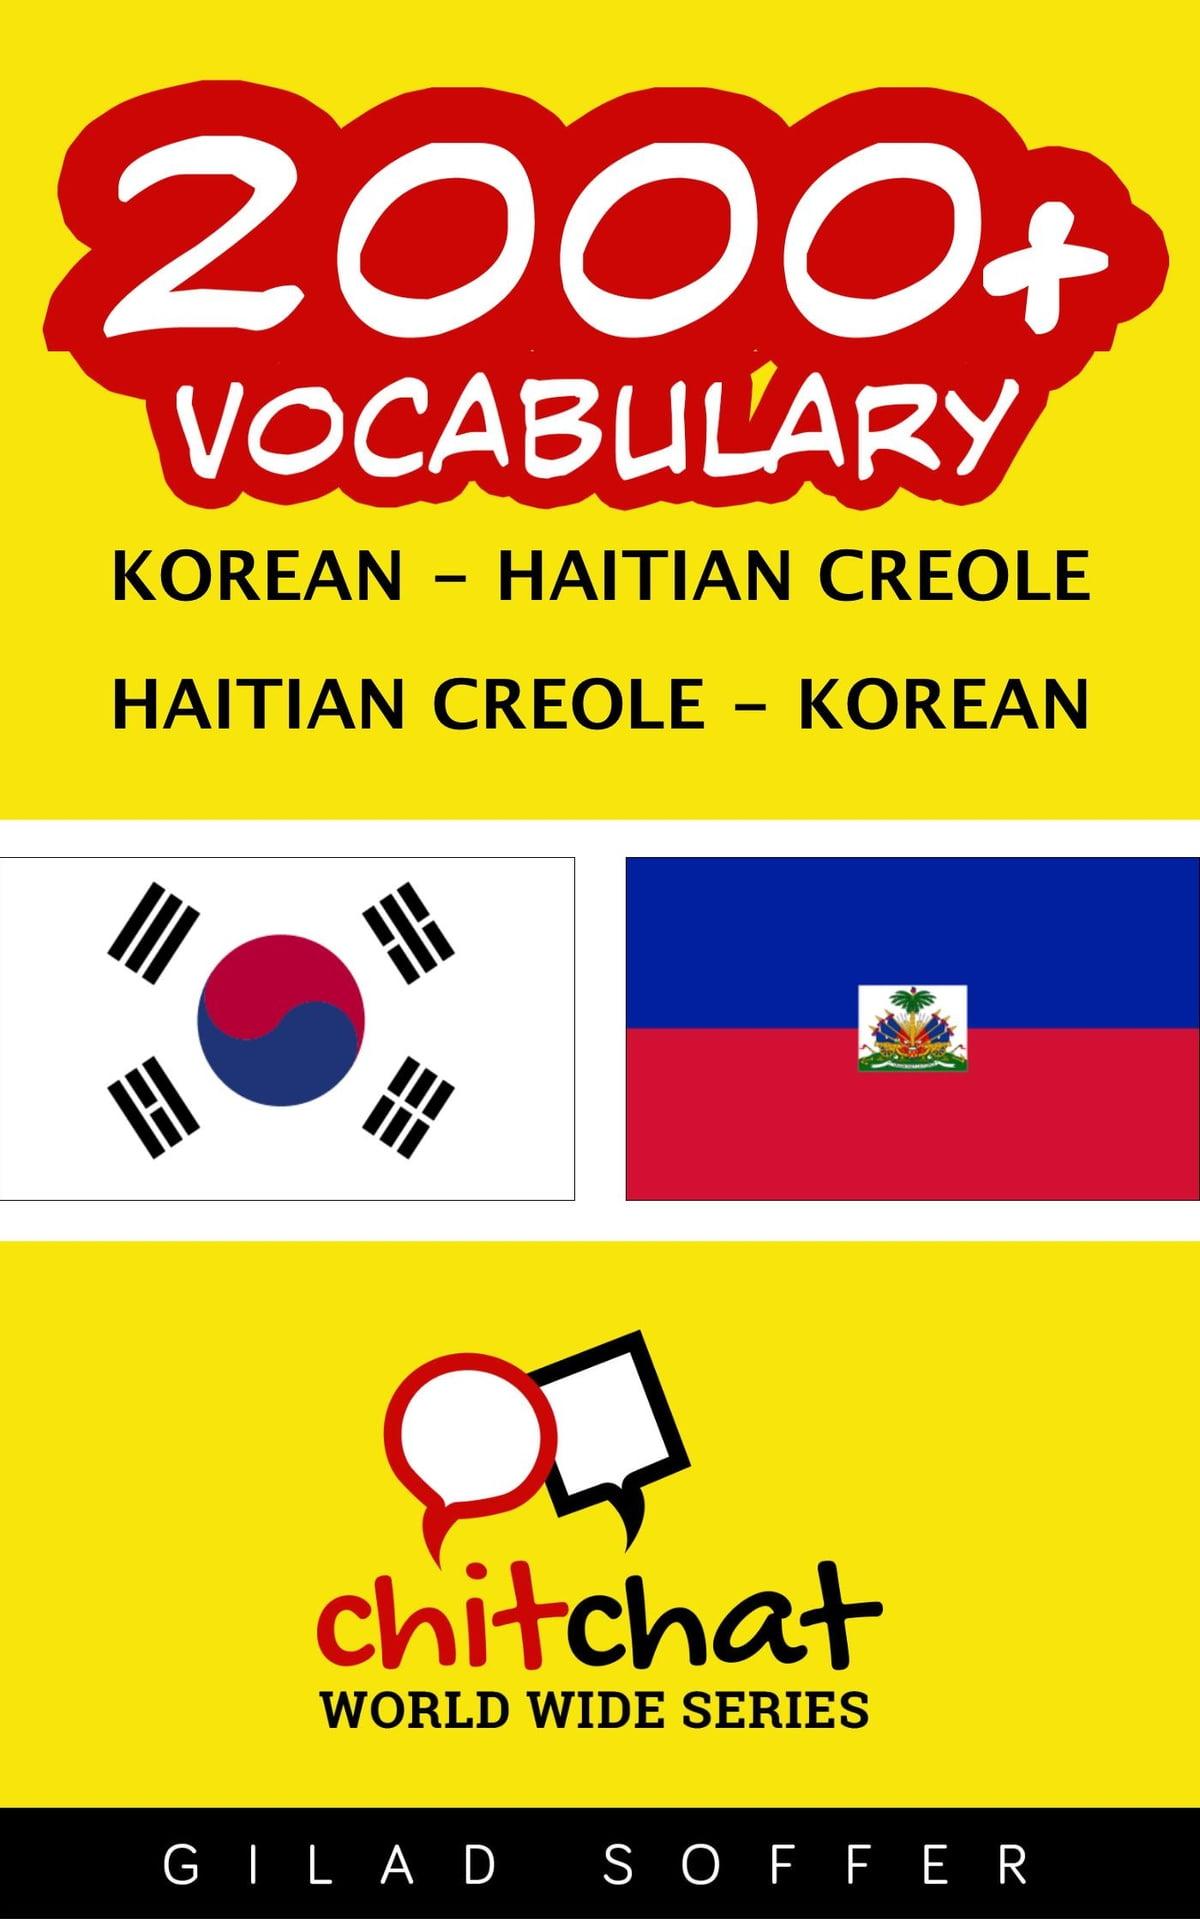 Vocabulary Korean